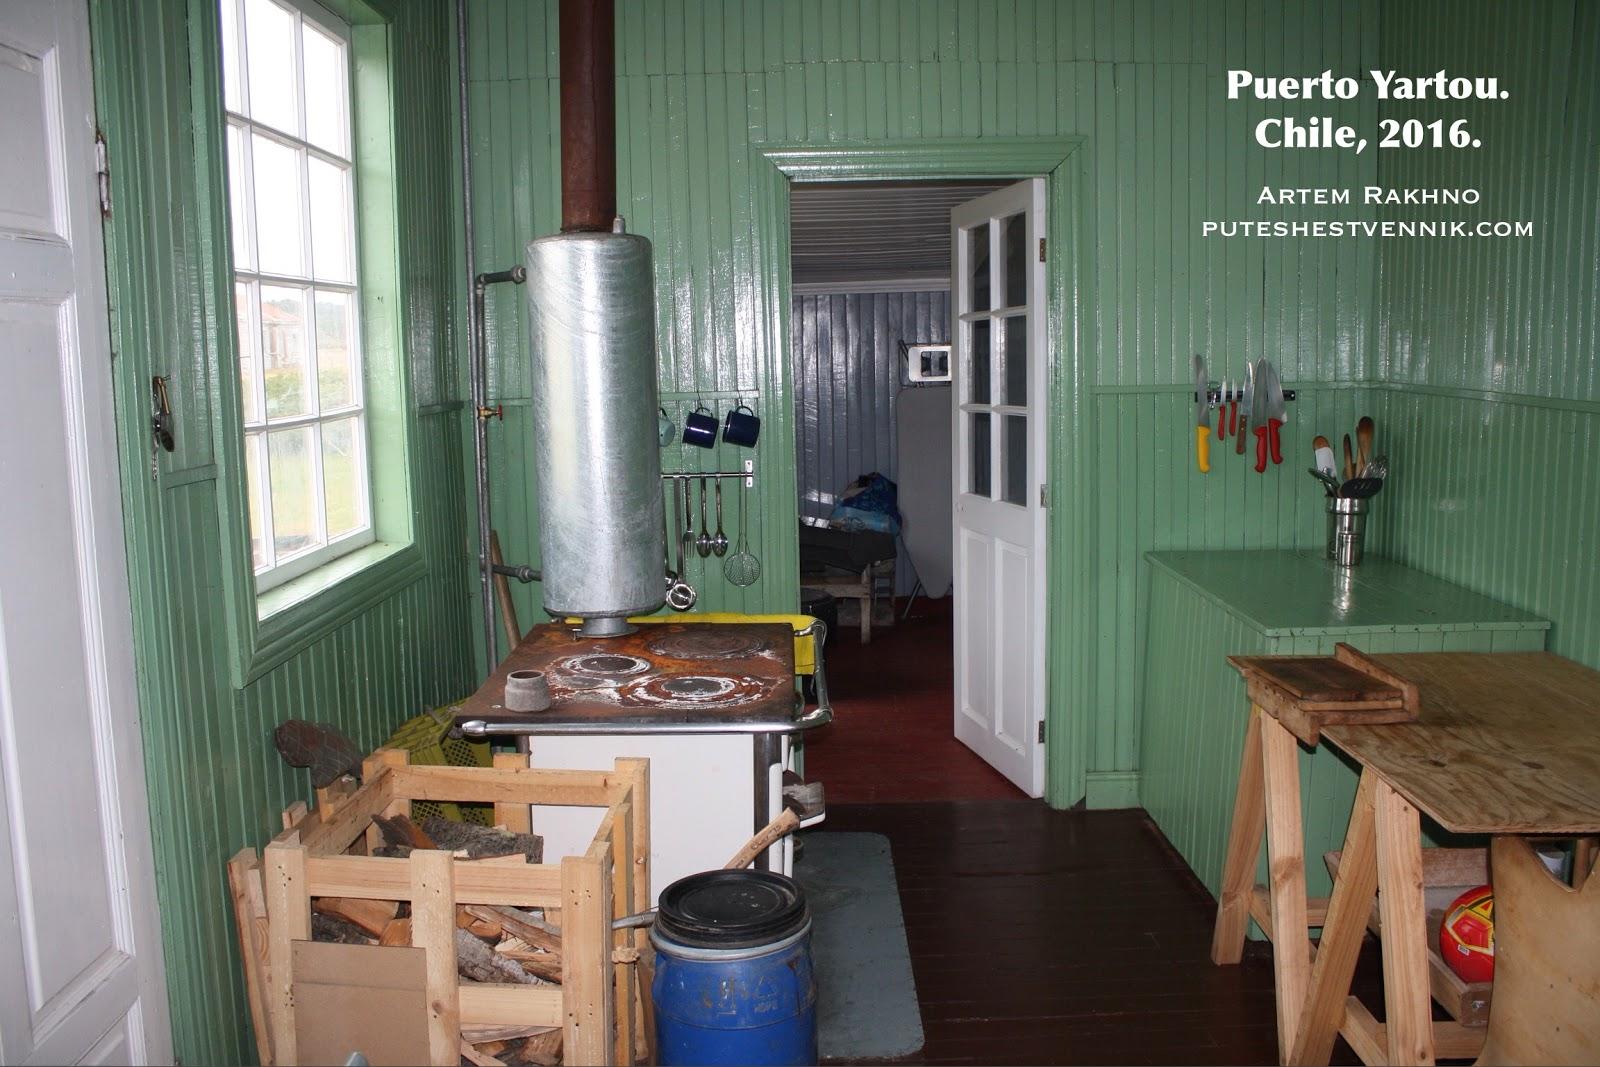 Кухня с печкой в доме эстанции Пуэрто Яртоу